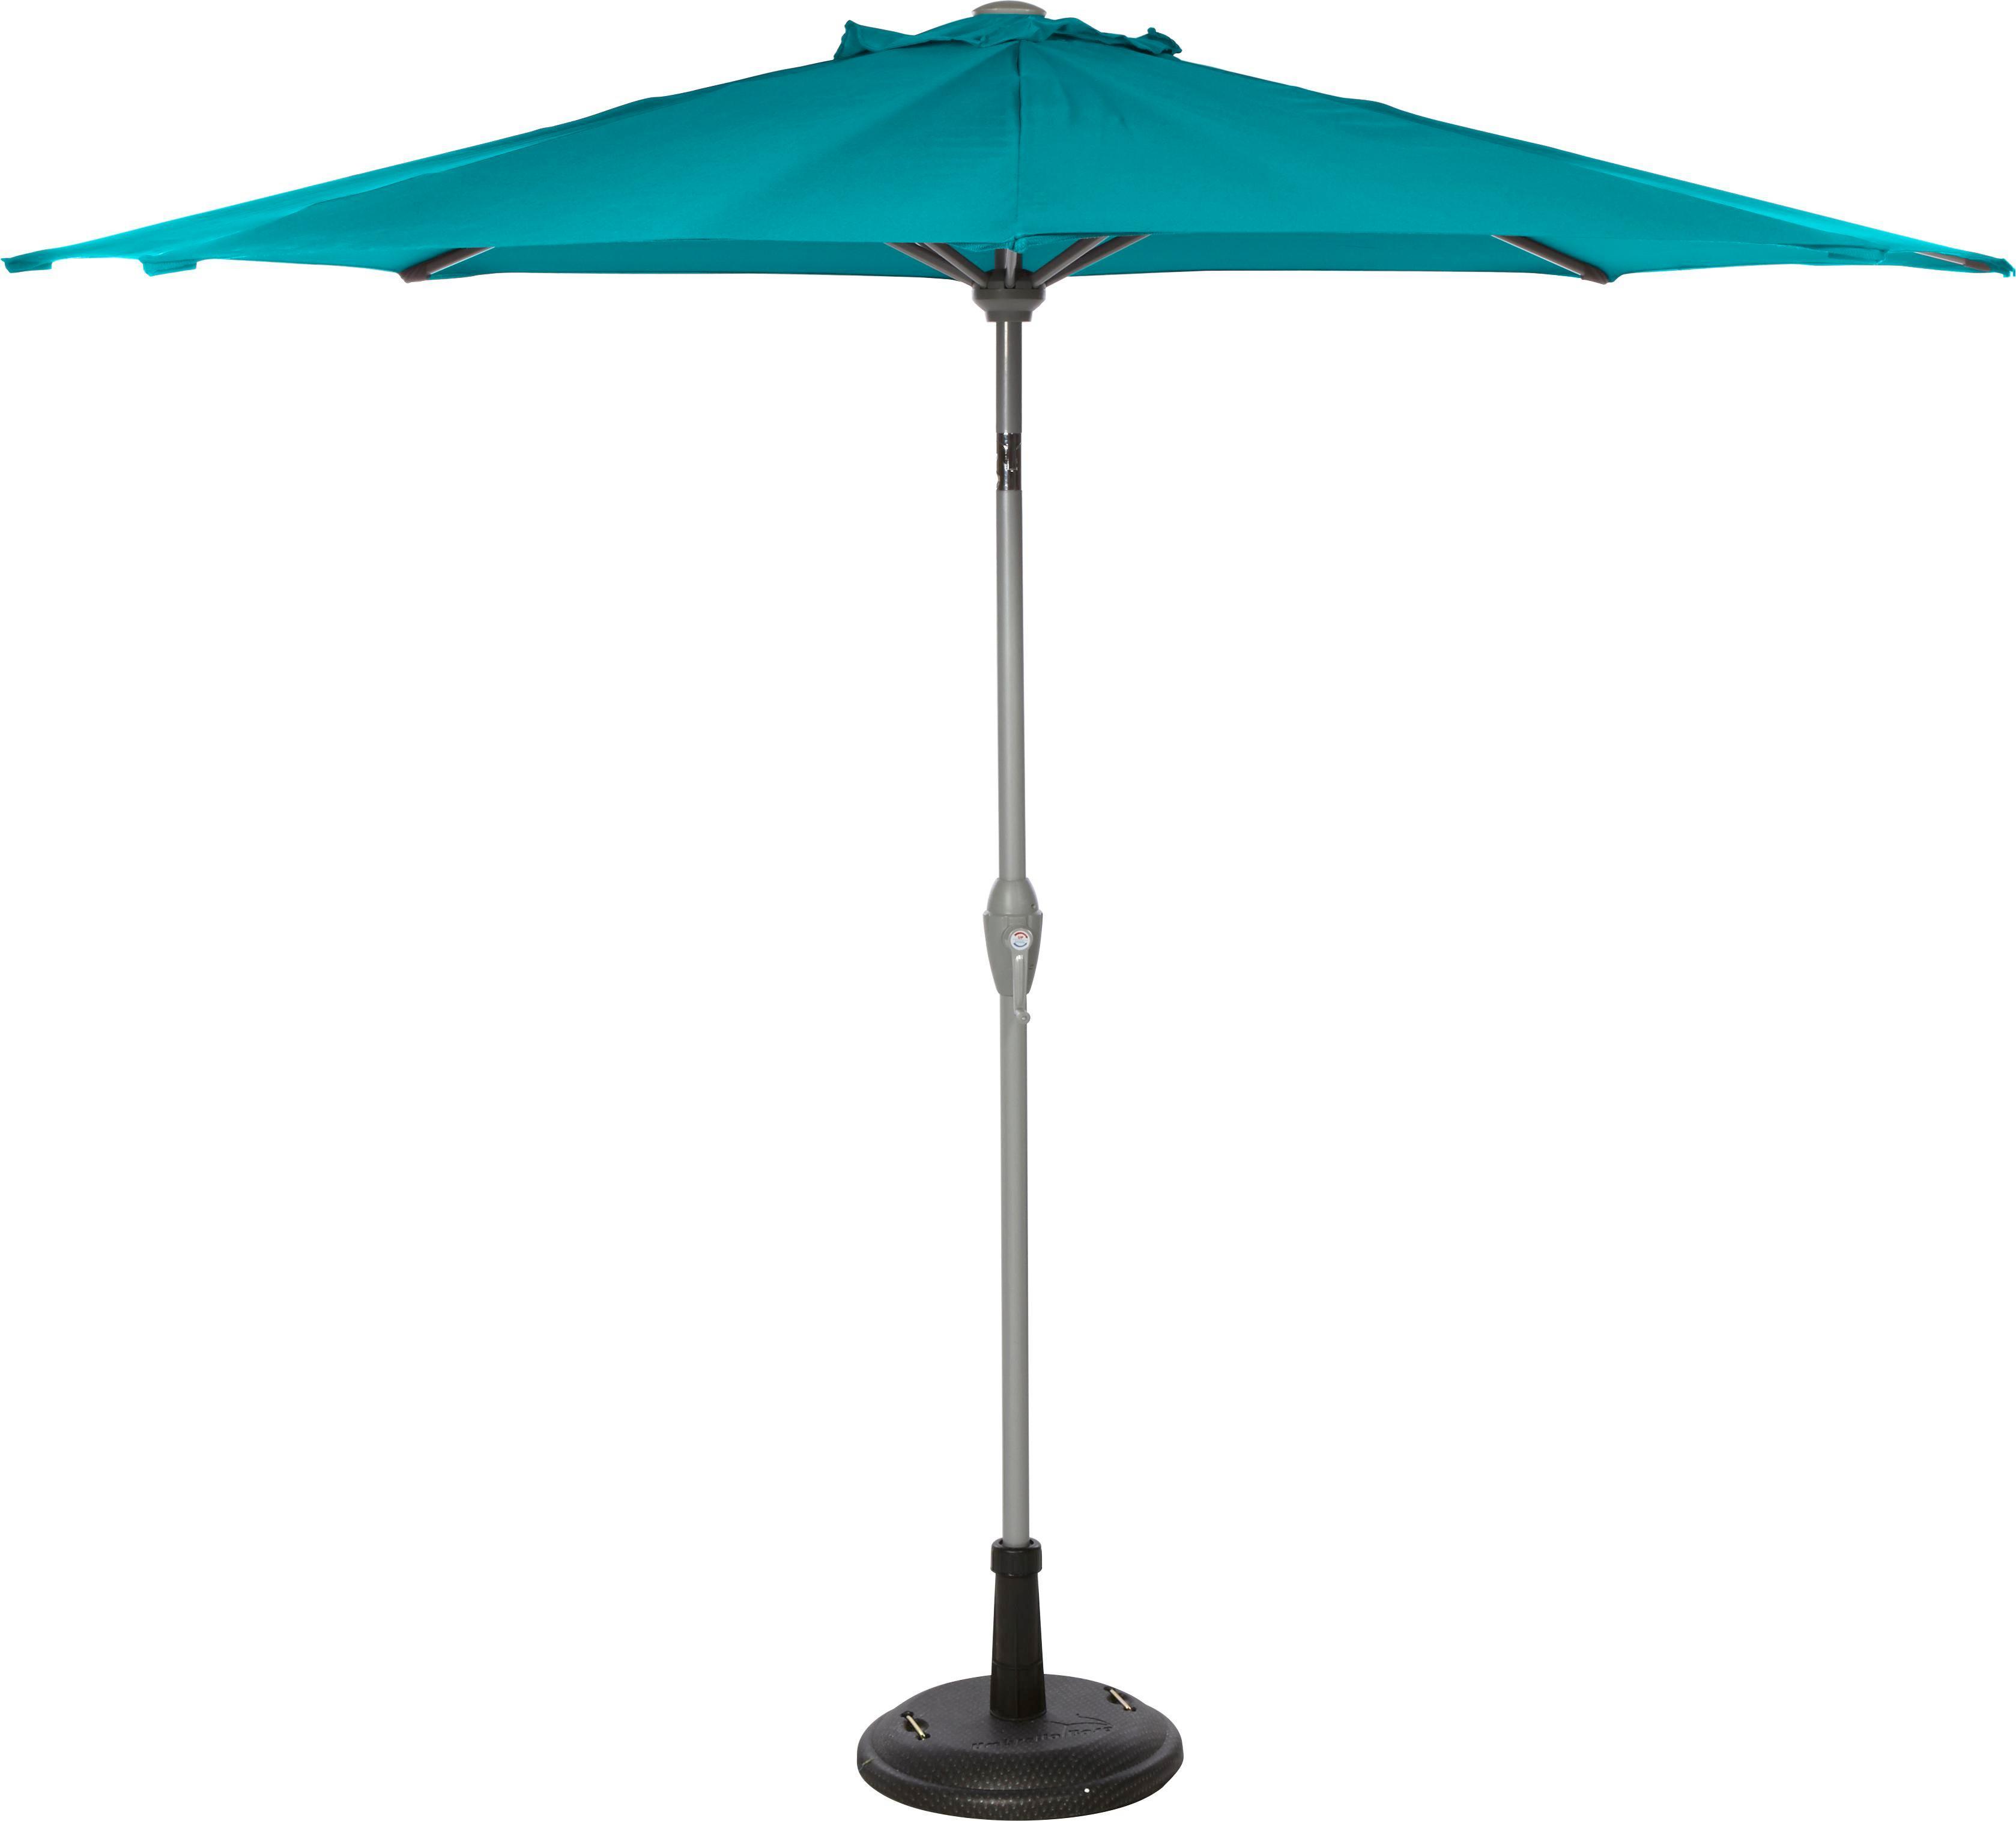 Sonnenschirm Akane in Blau - Blau/Alufarben, Kunststoff/Metall (270/238cm) - MÖMAX modern living